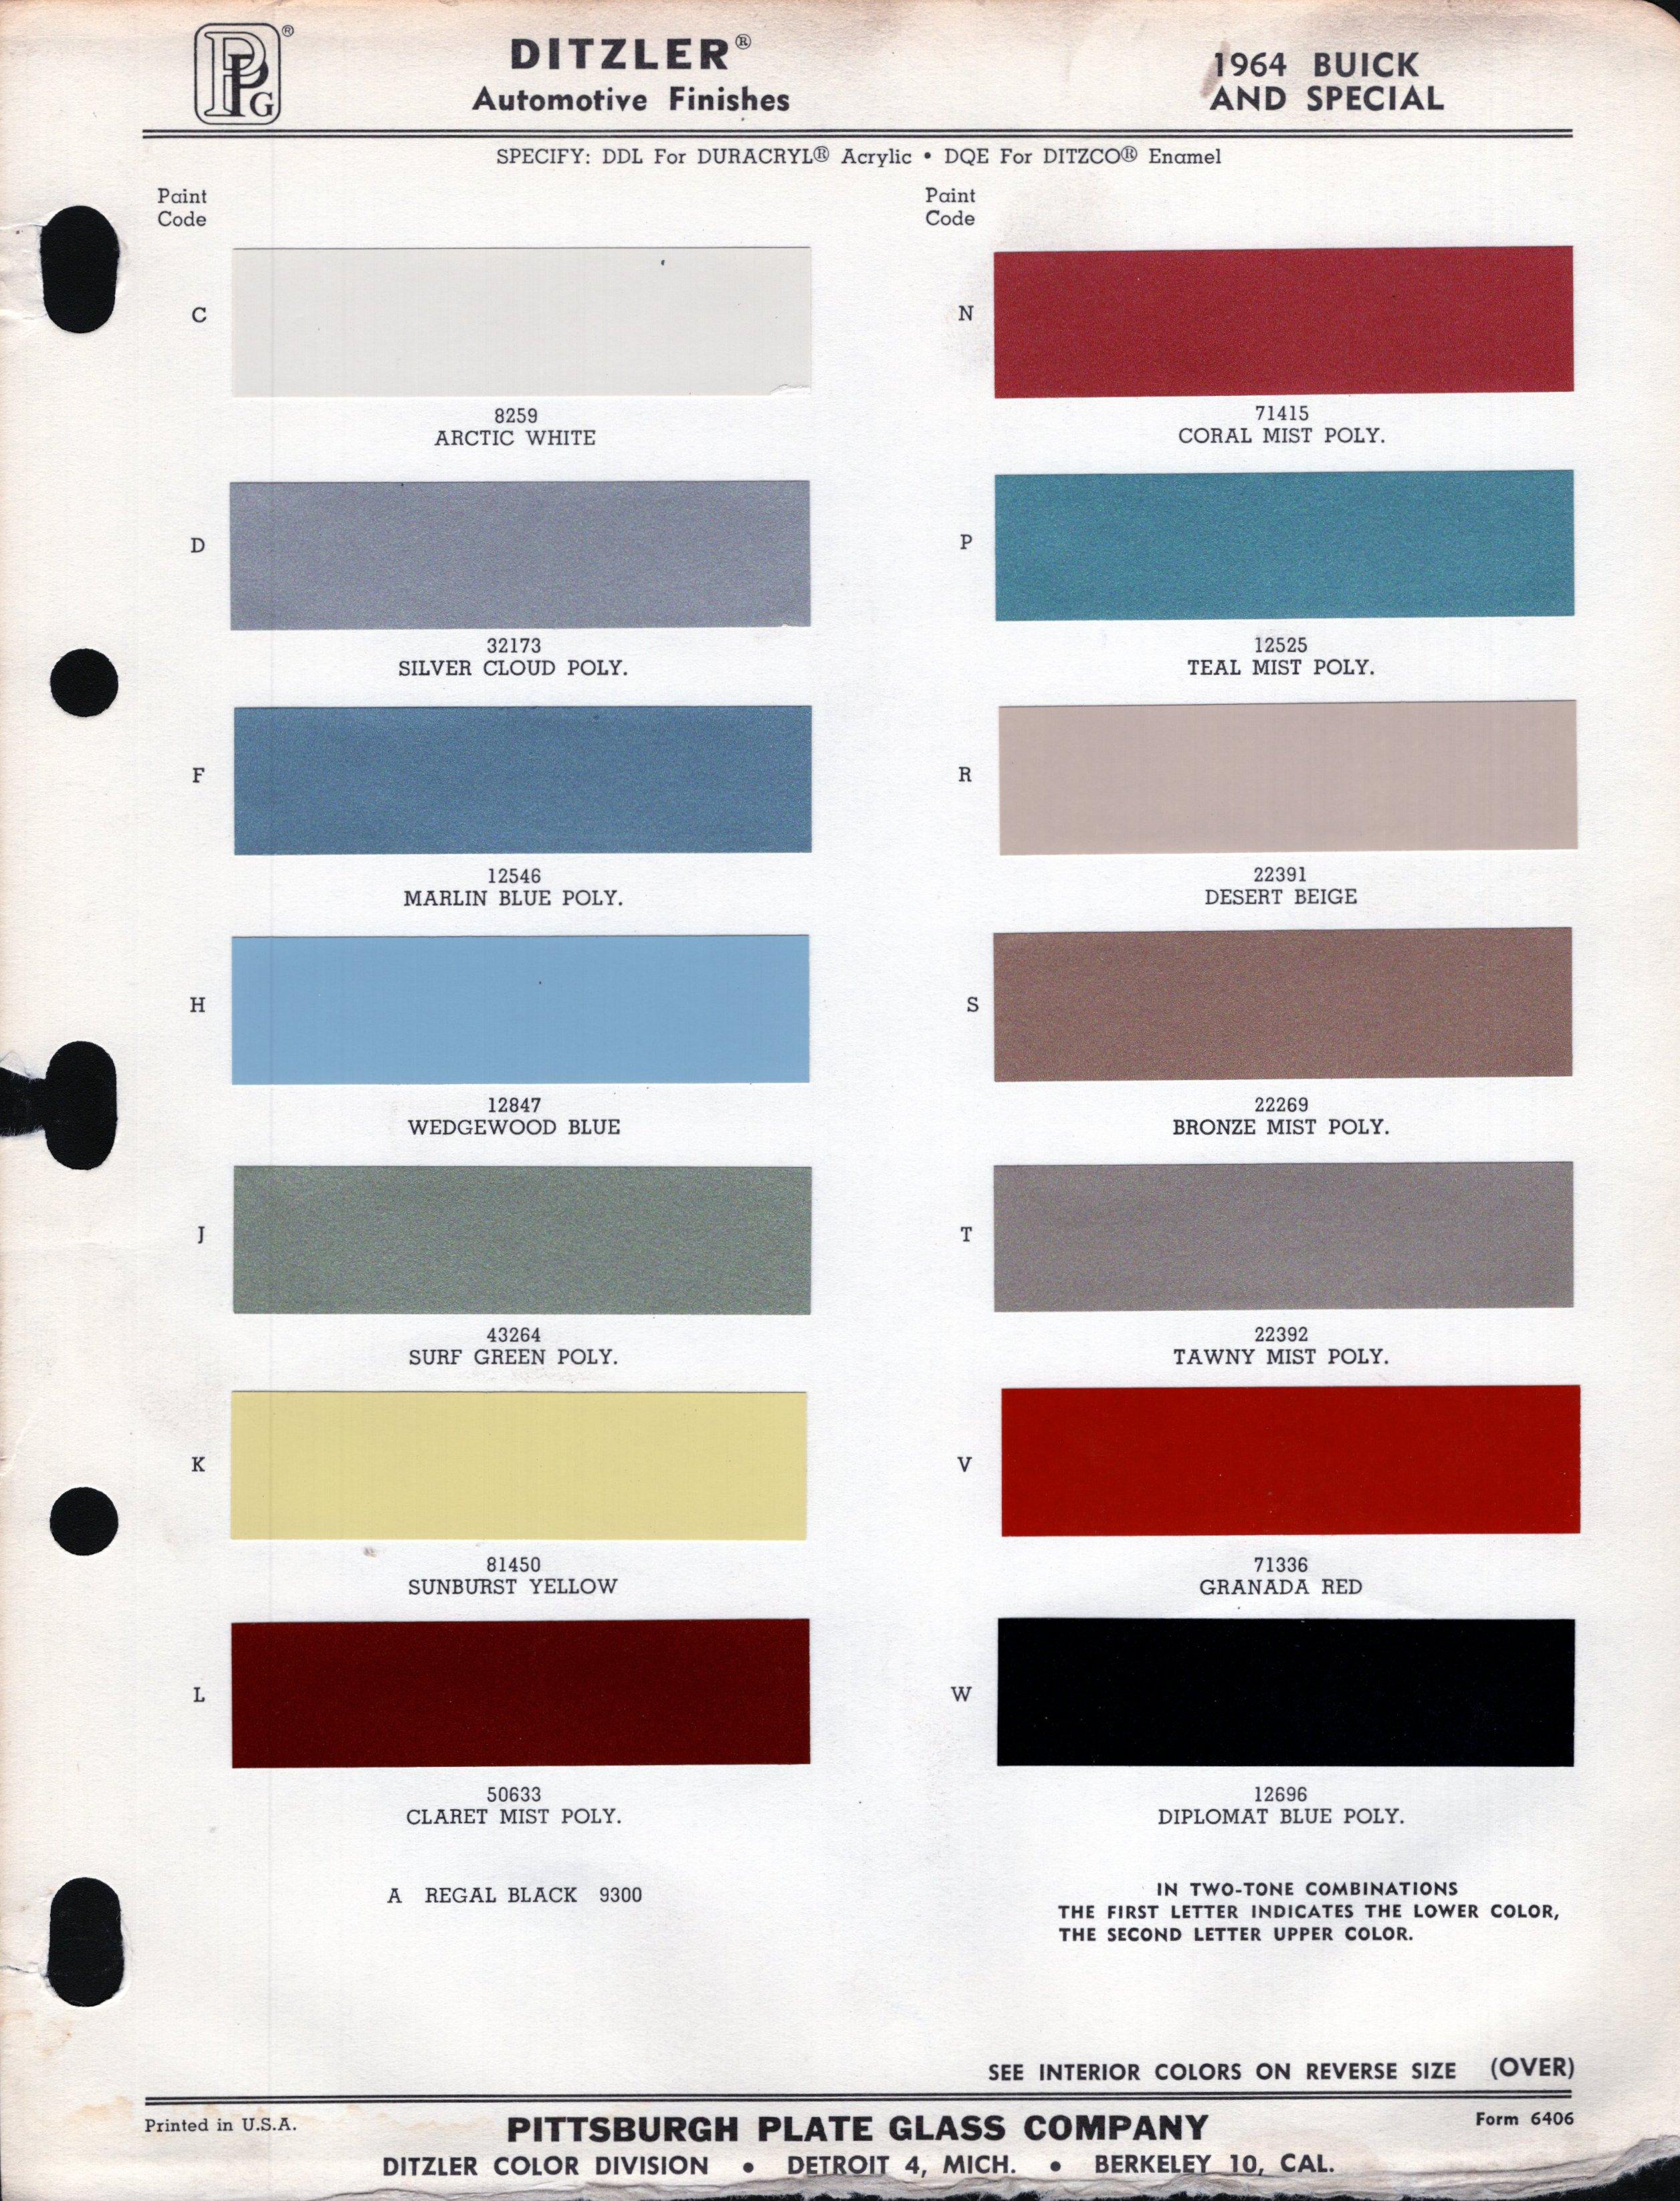 Chevelle Paint Codes